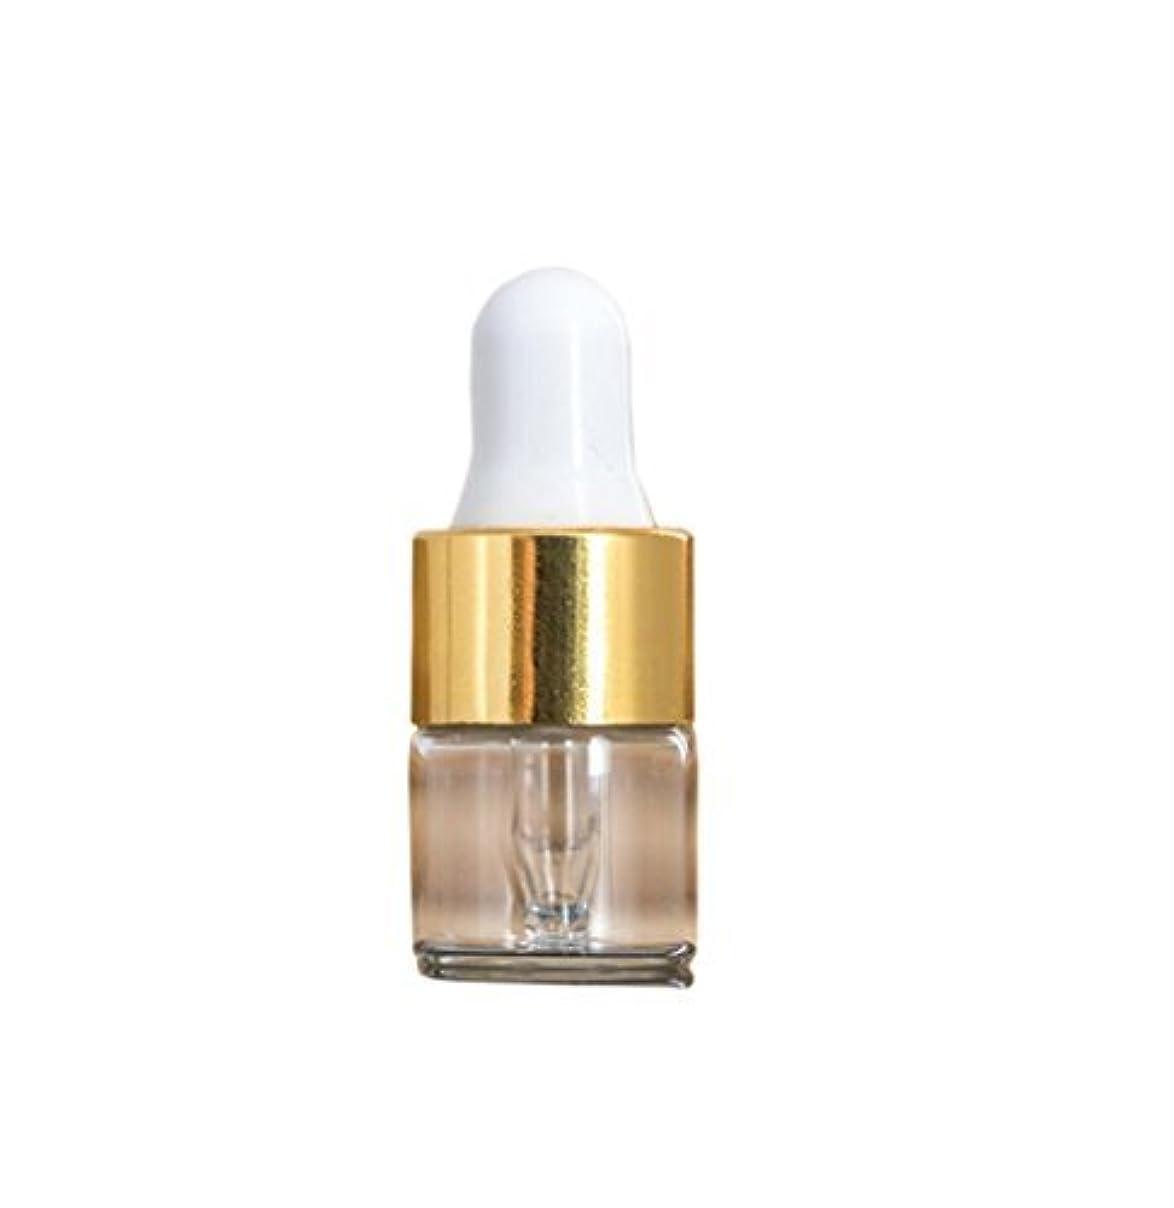 ホームレスどう?圧縮Clear Glass Mini 1ml 15 Pcs Refillable Essential Oil Dropper Bottles Containers Cosmetic Sample Bottles Aromatherapy...